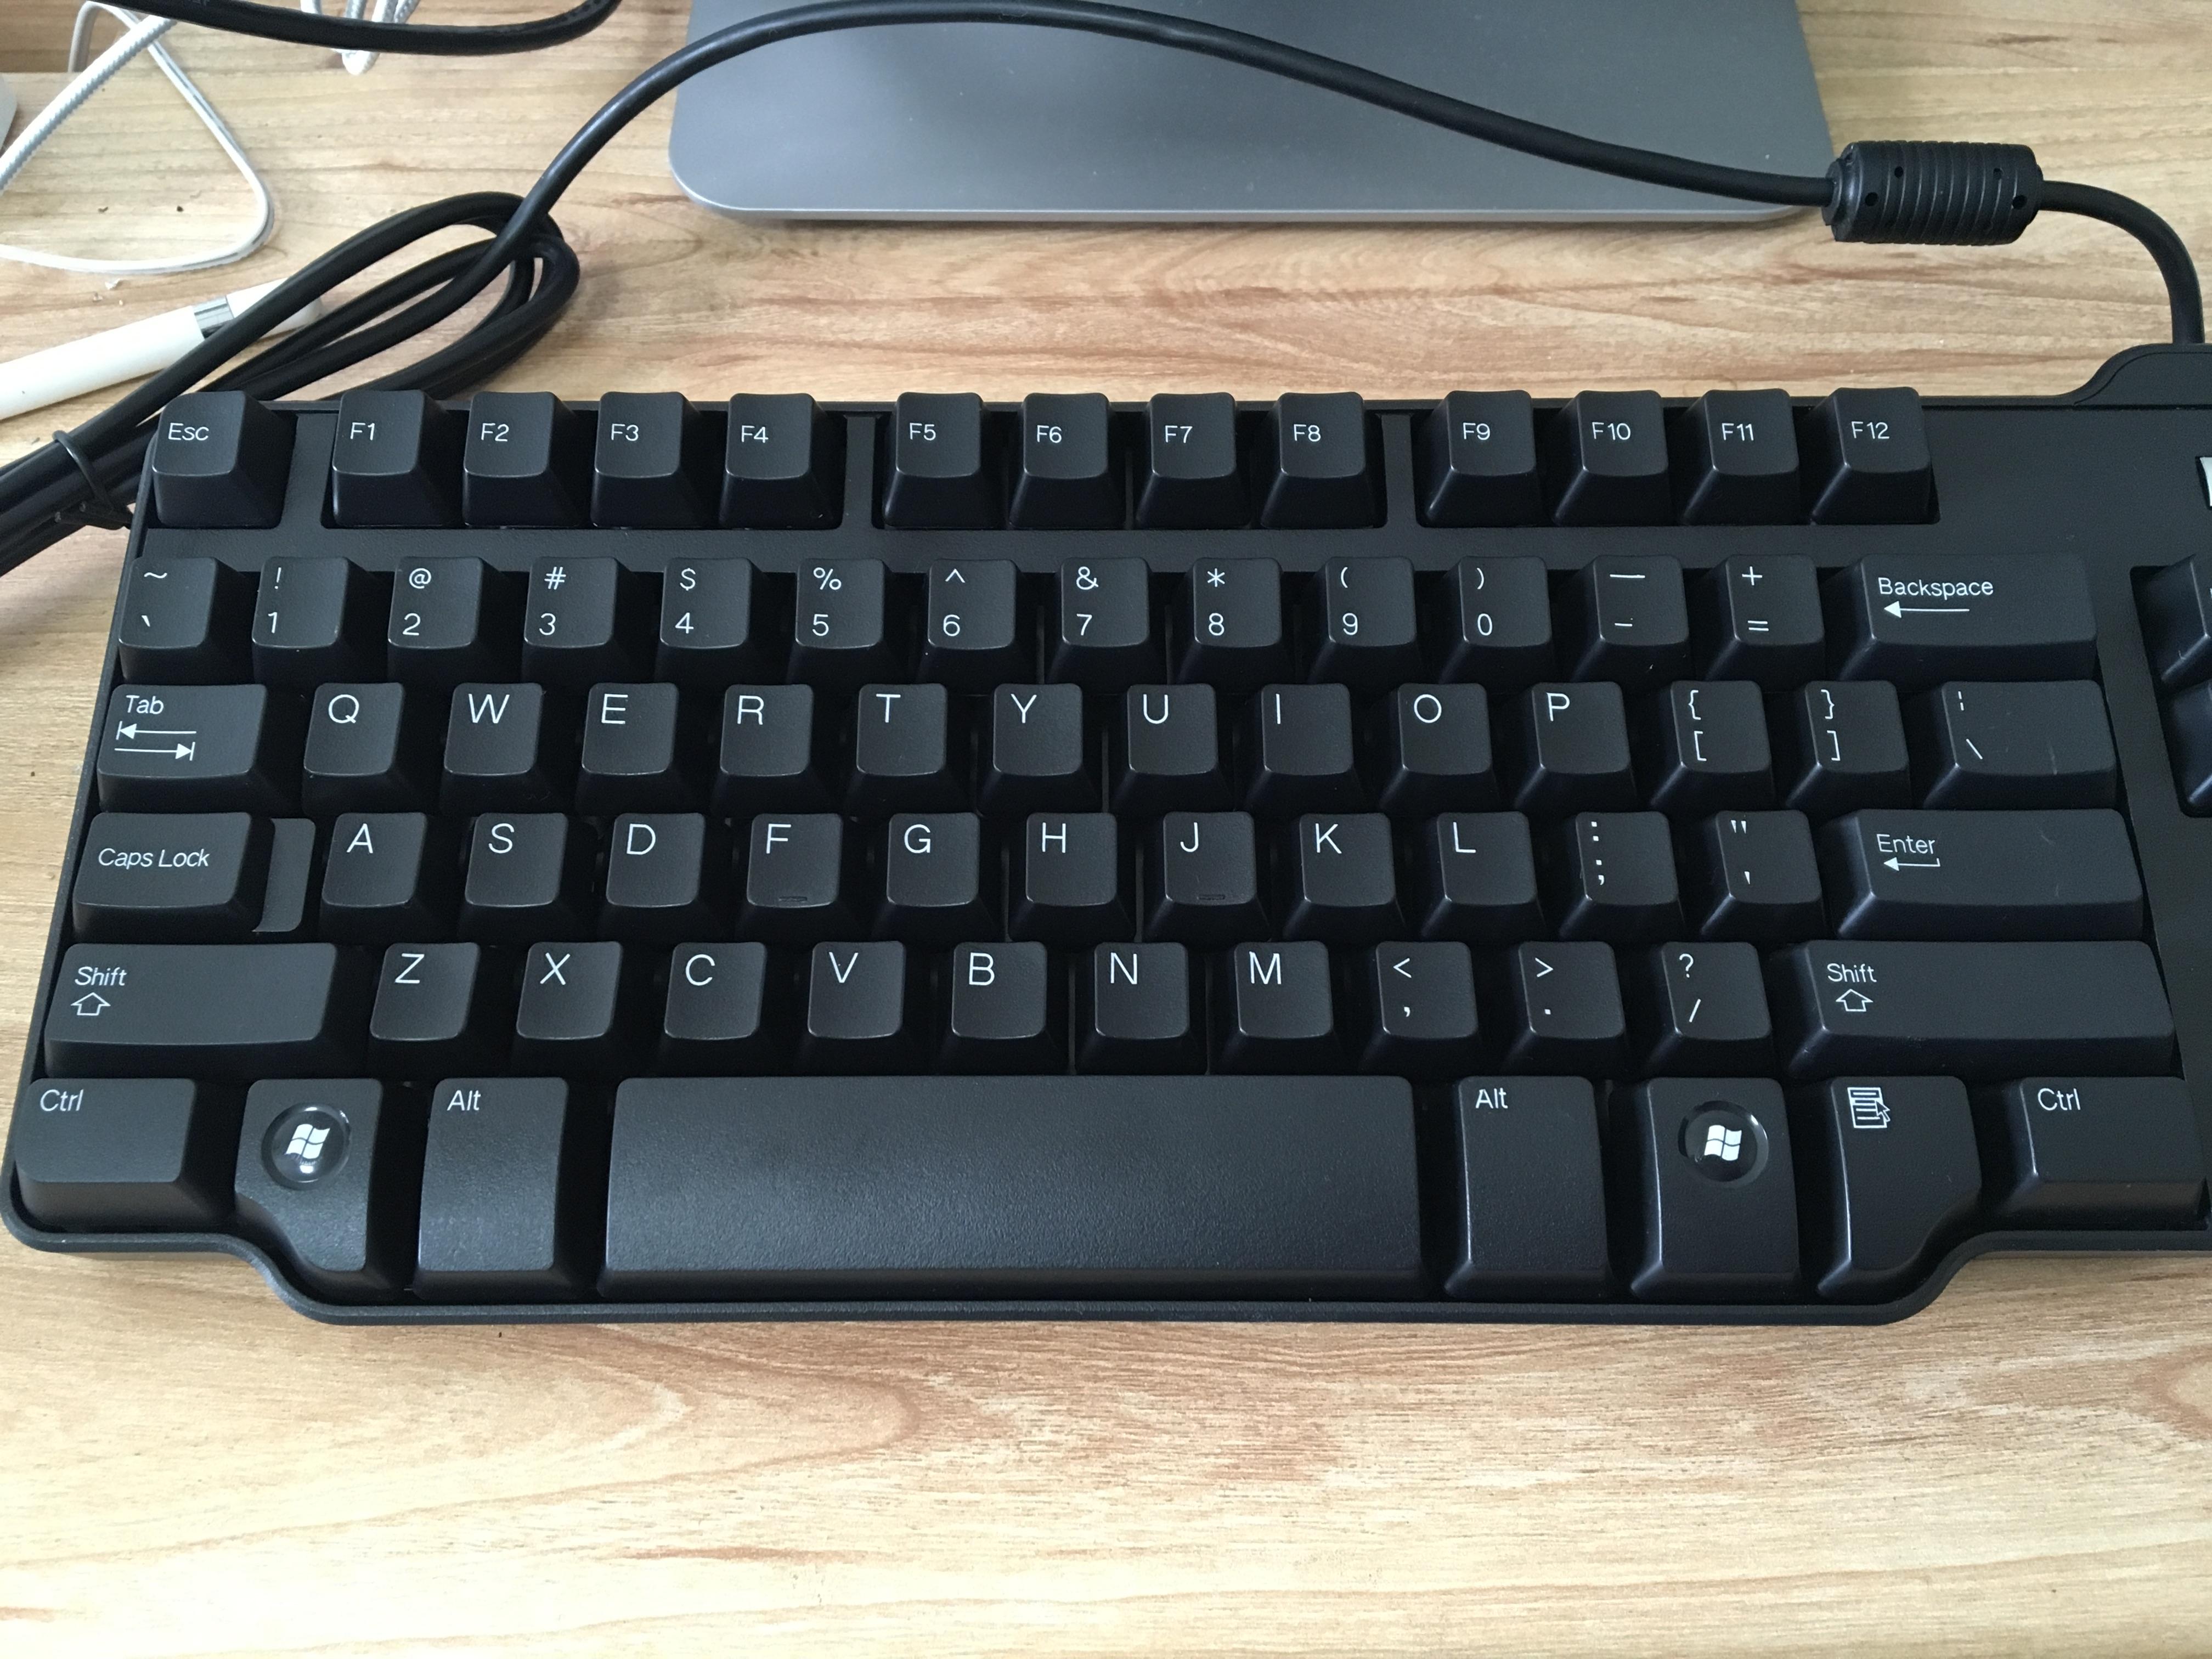 戴尔SK-8115【旭丽代工】有线游戏键盘